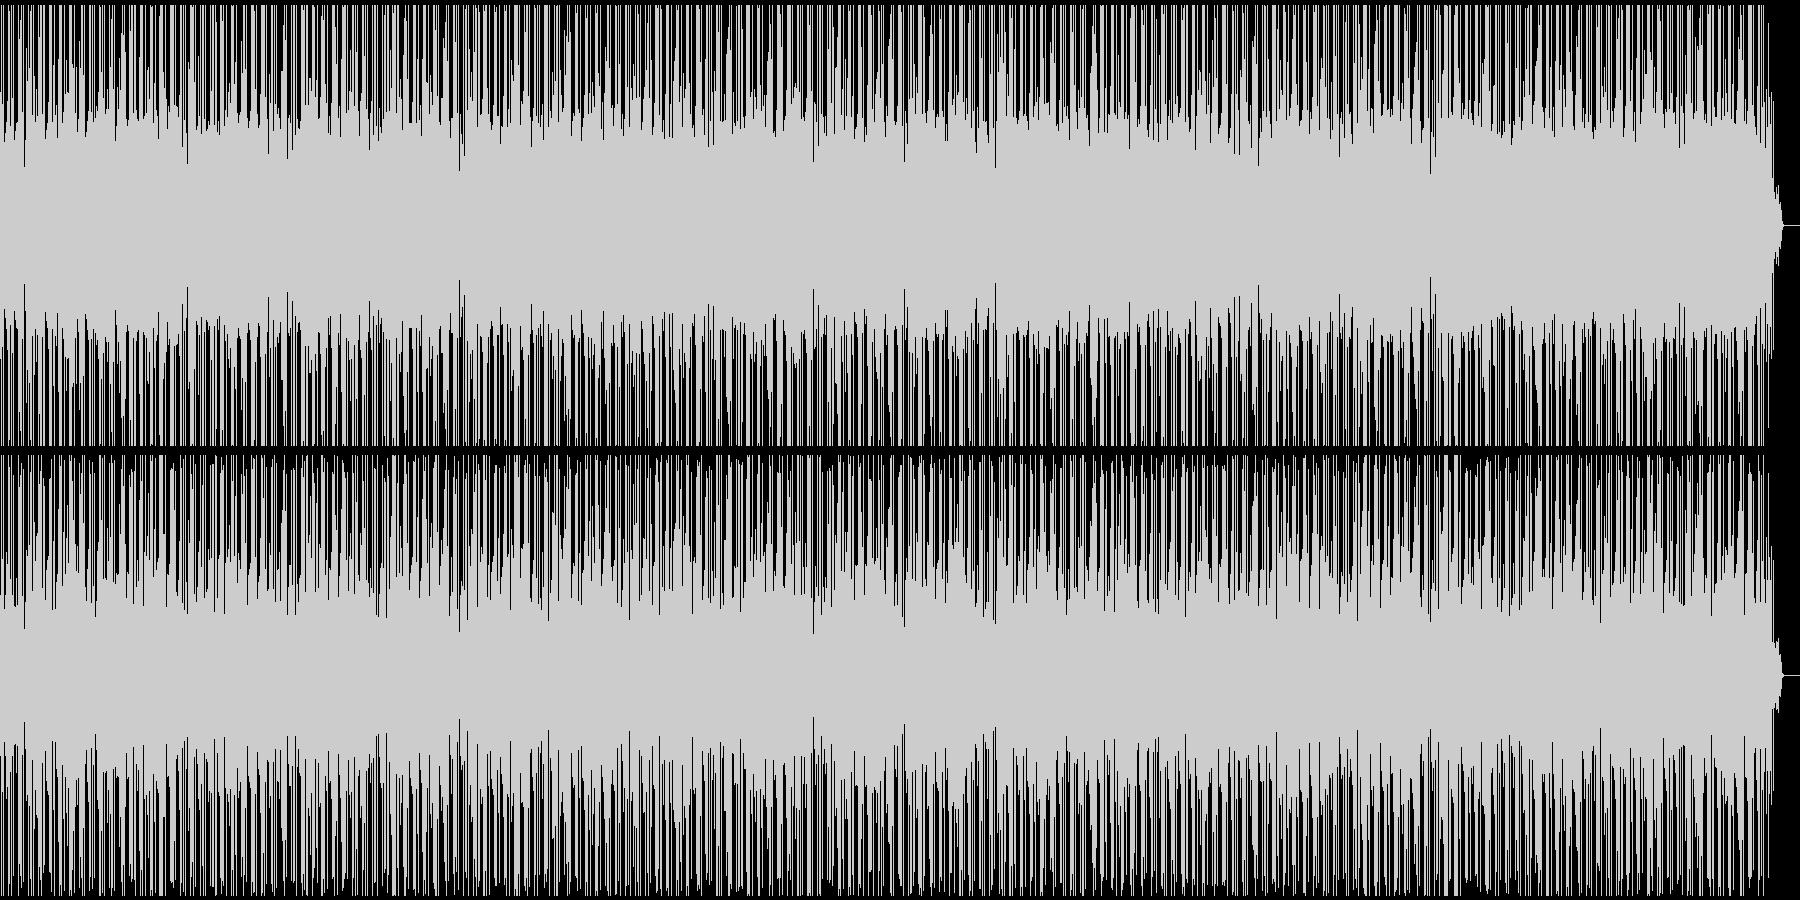 爽やかで軽快なテクノポップの未再生の波形